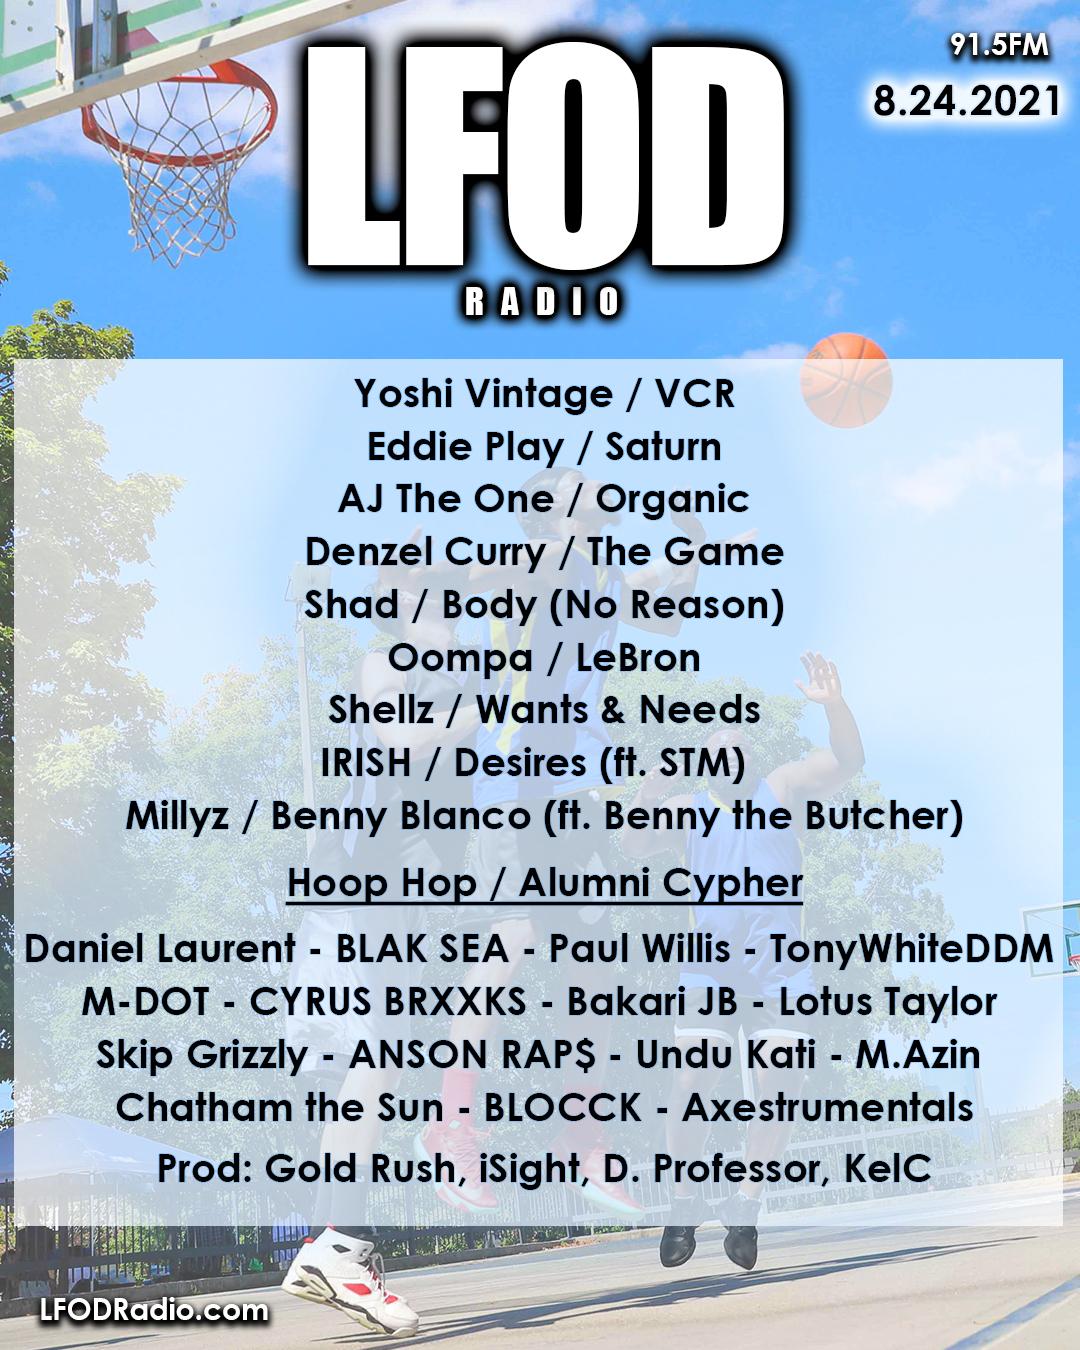 8.24.21 LFOD Radio – Hoop Hop Cypher!